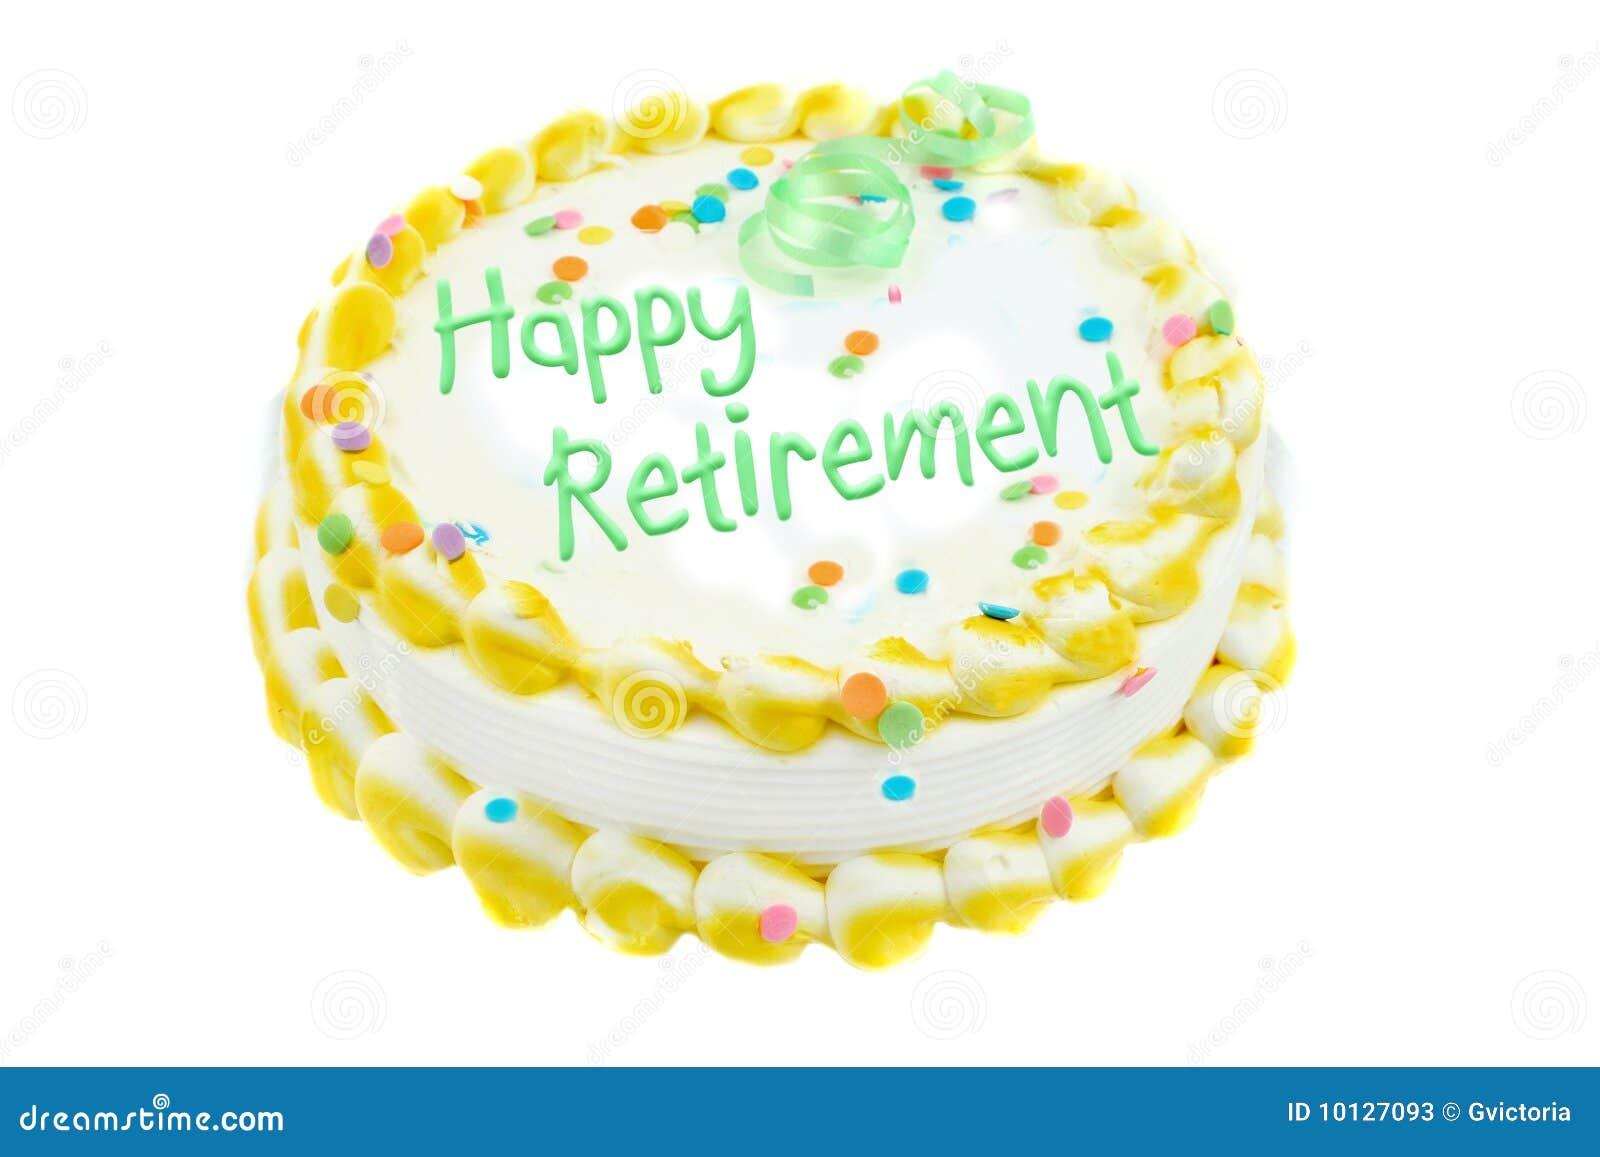 Retirement Cake Clip Art   Vector Art Design Database on Vector-Magz